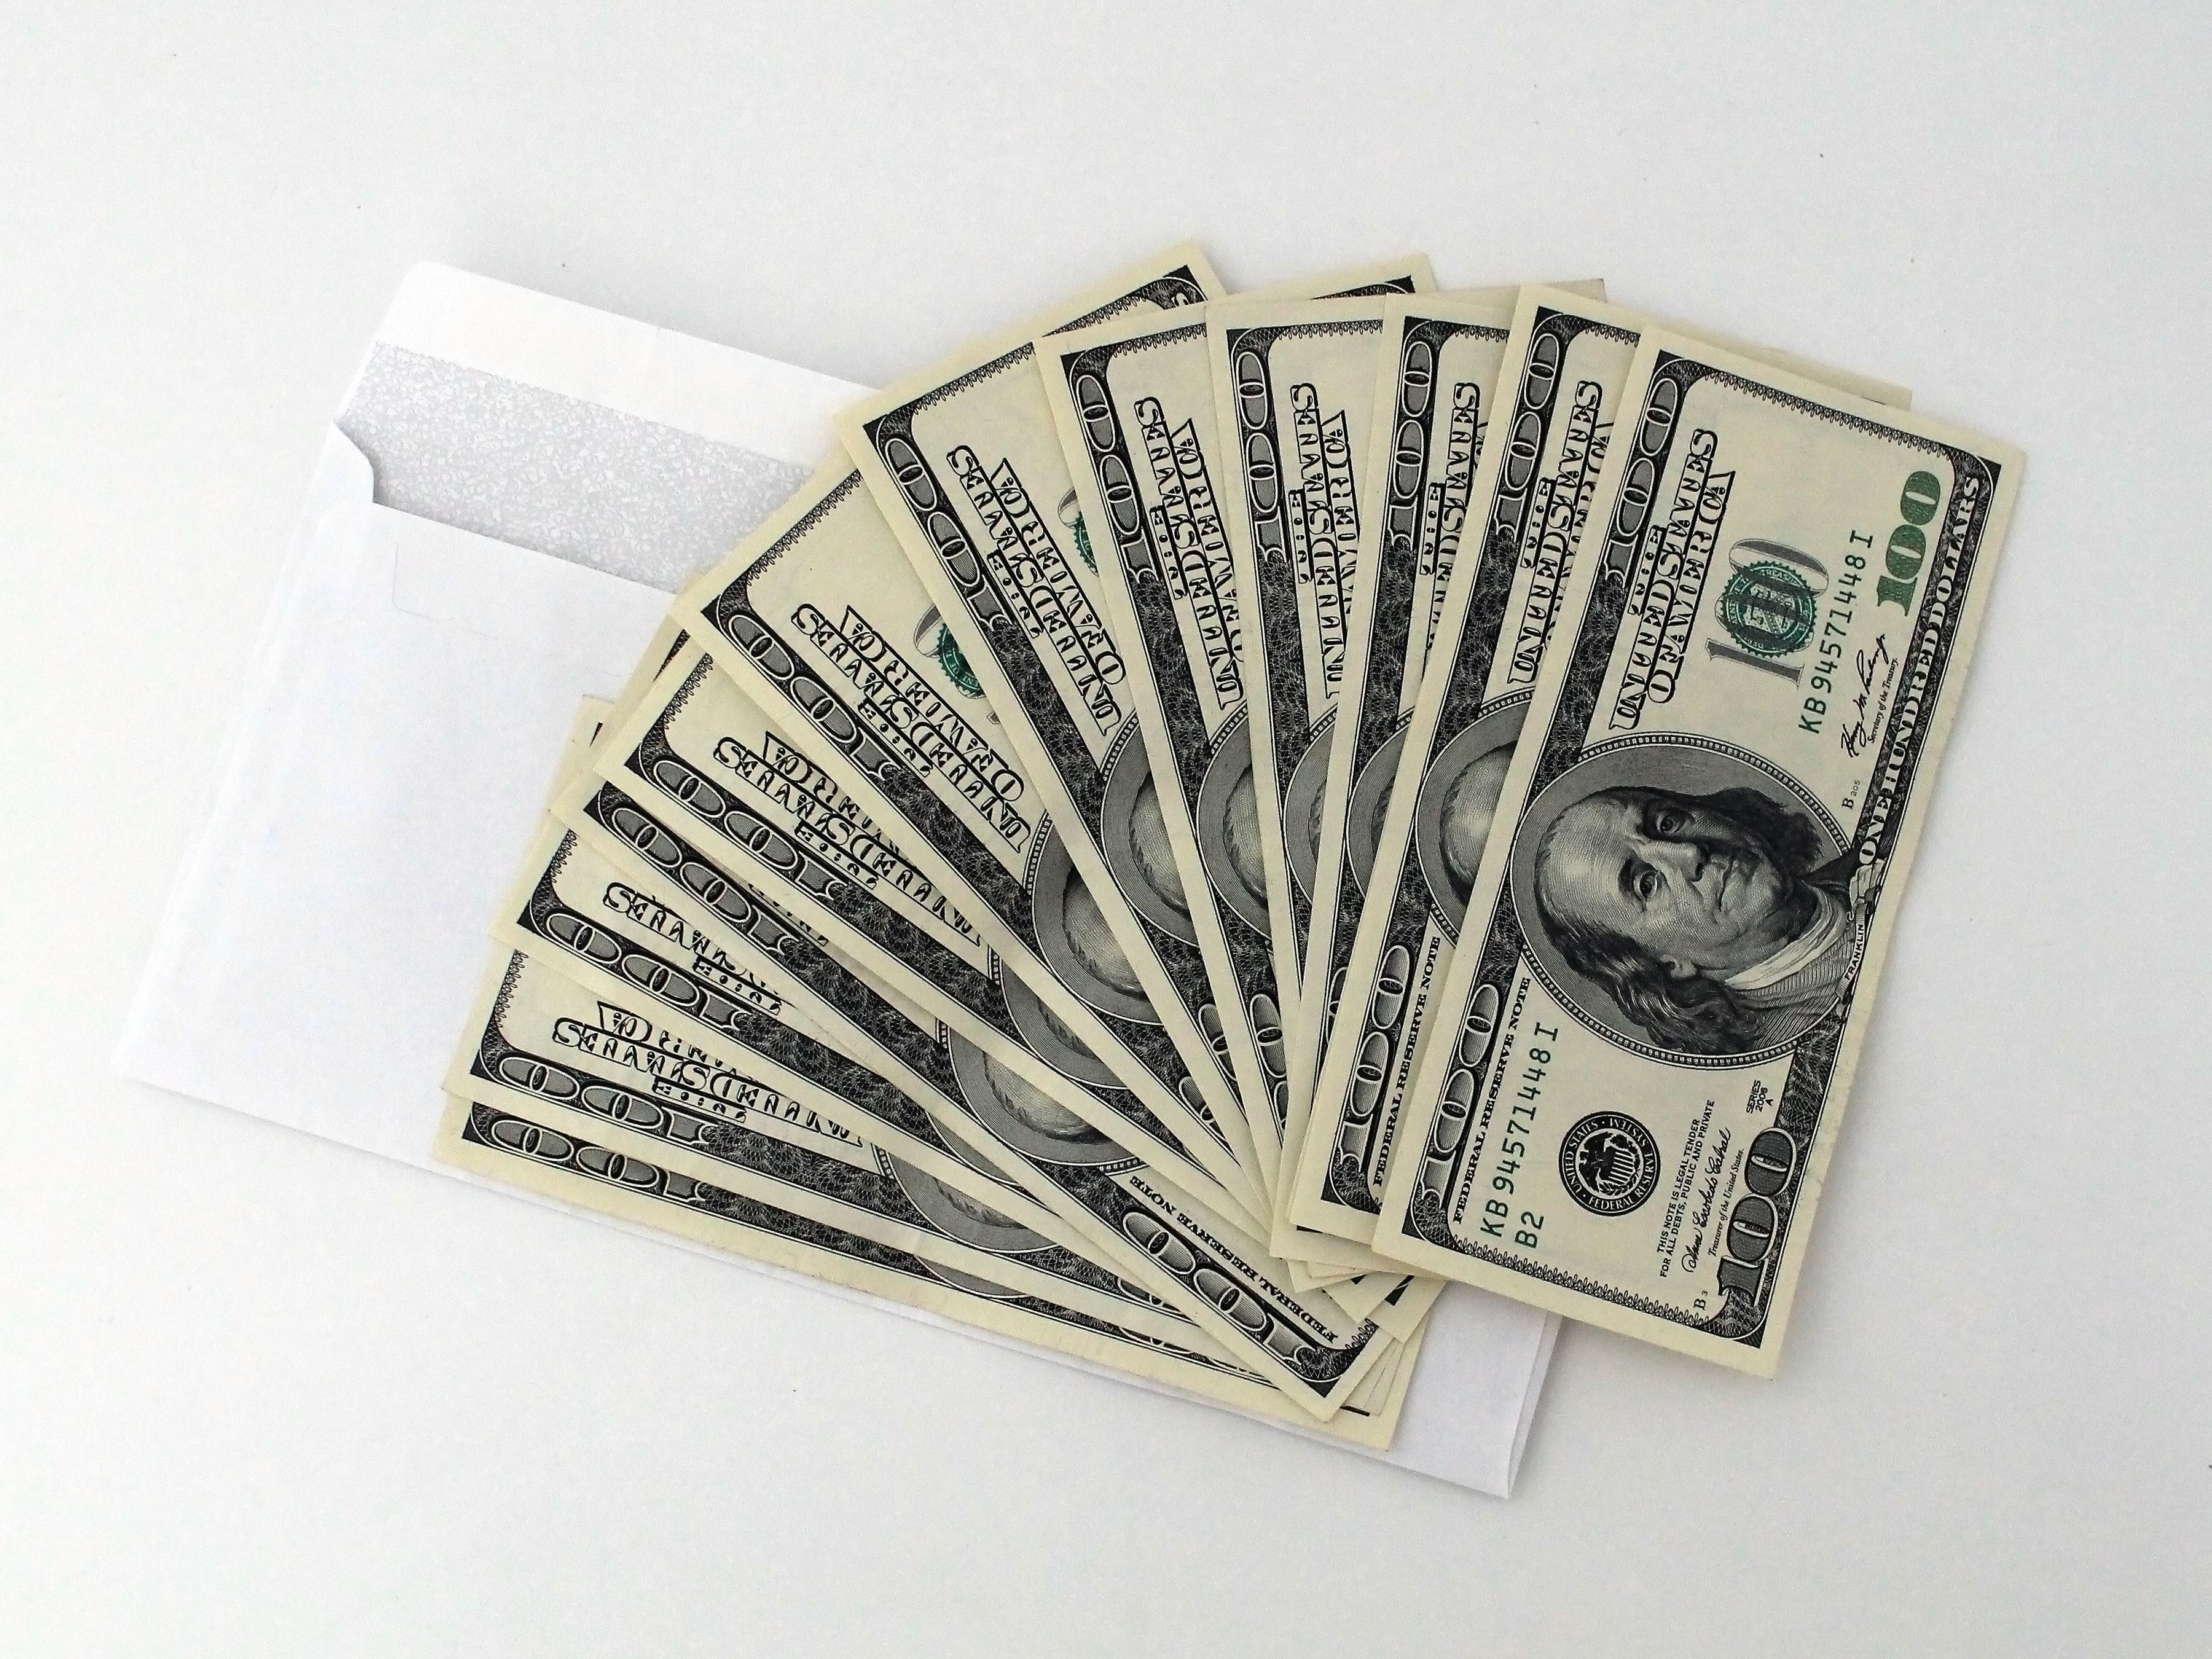 An array of $100 bills